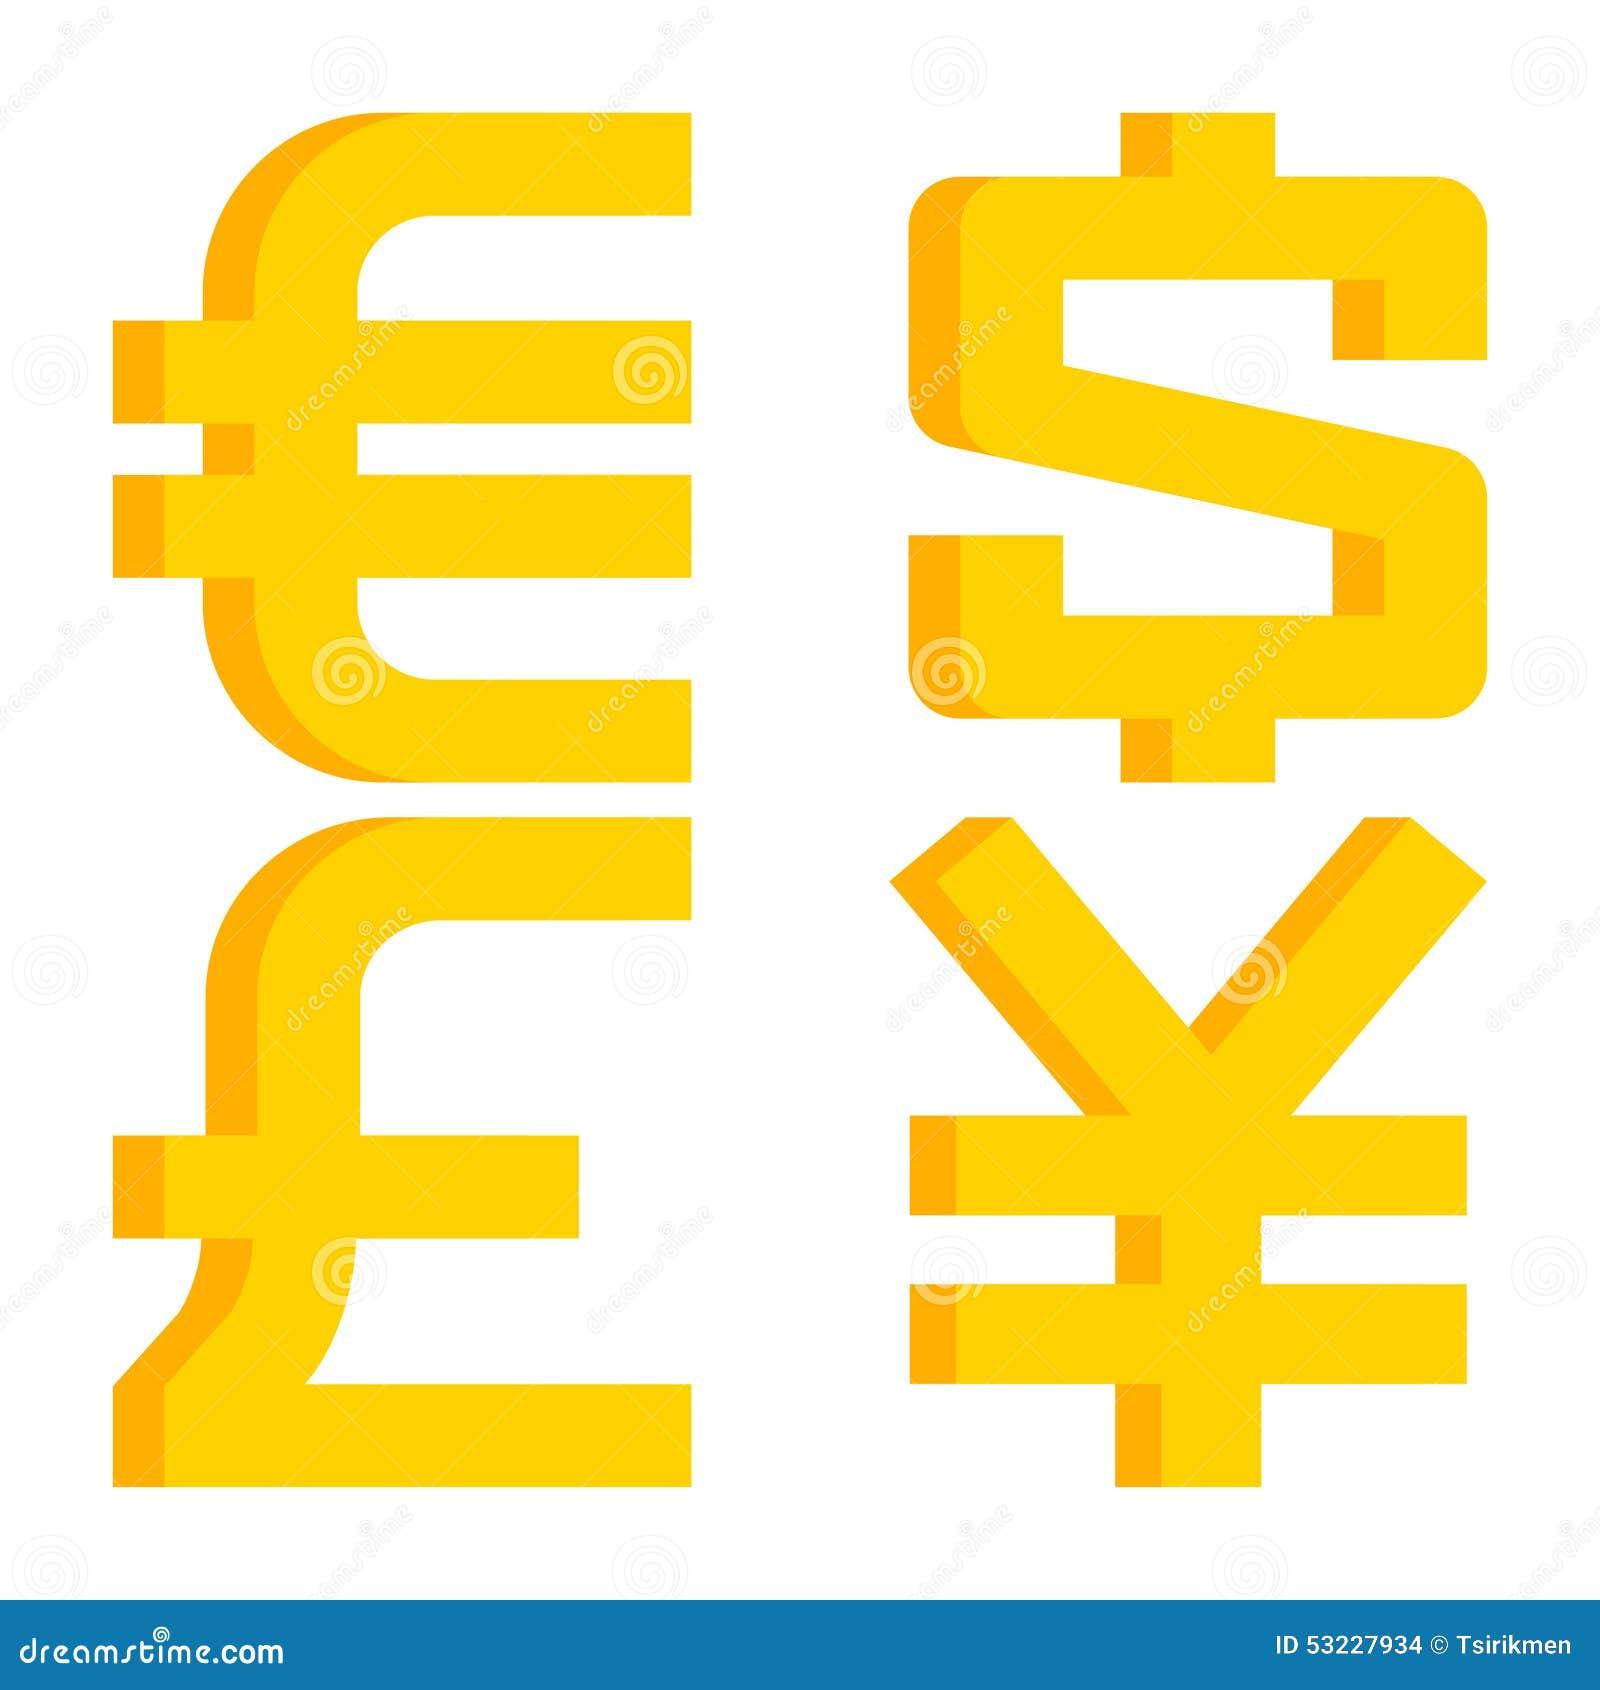 Muestras de moneda euro, dólar, libra esterlina, yen